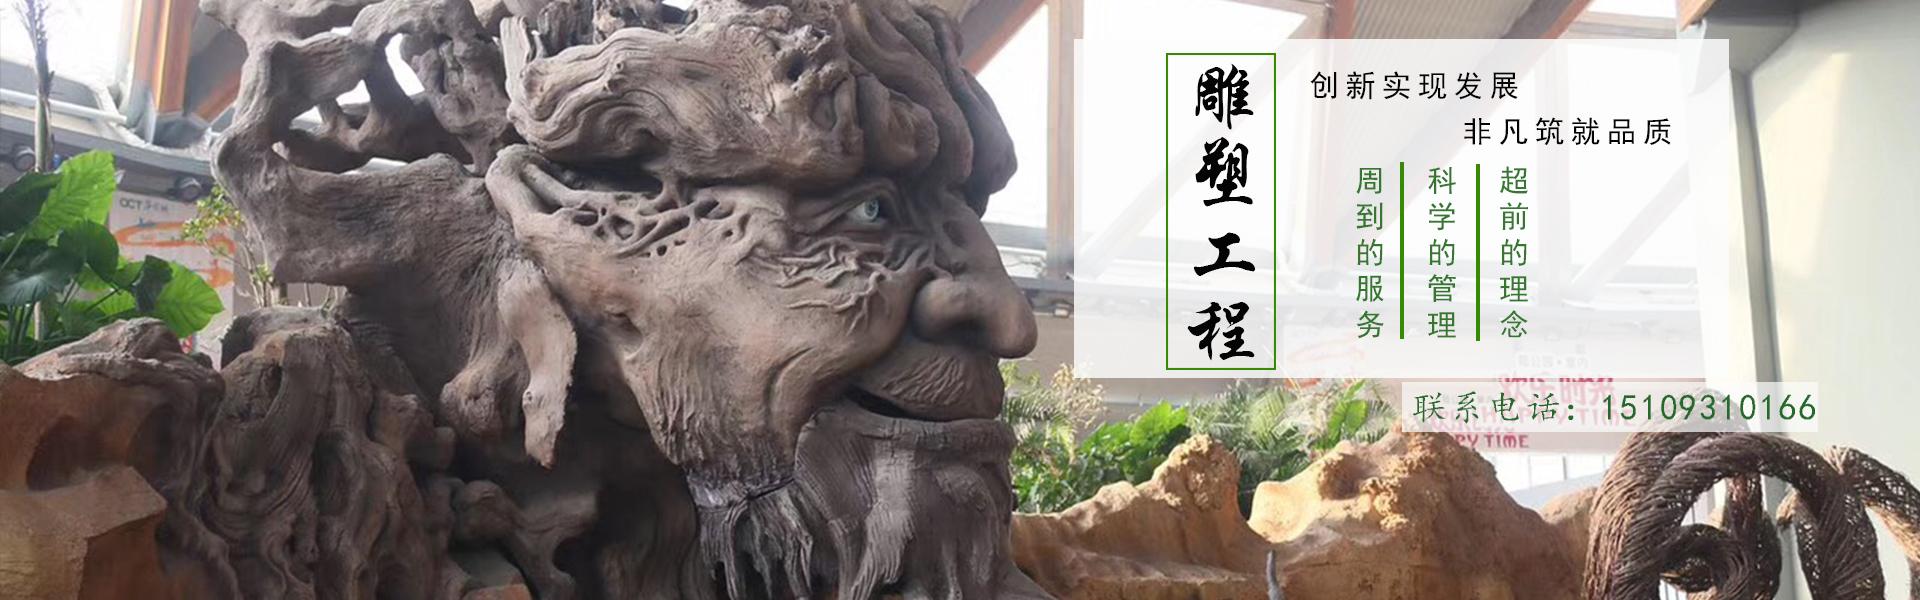 甘肃雕塑工程